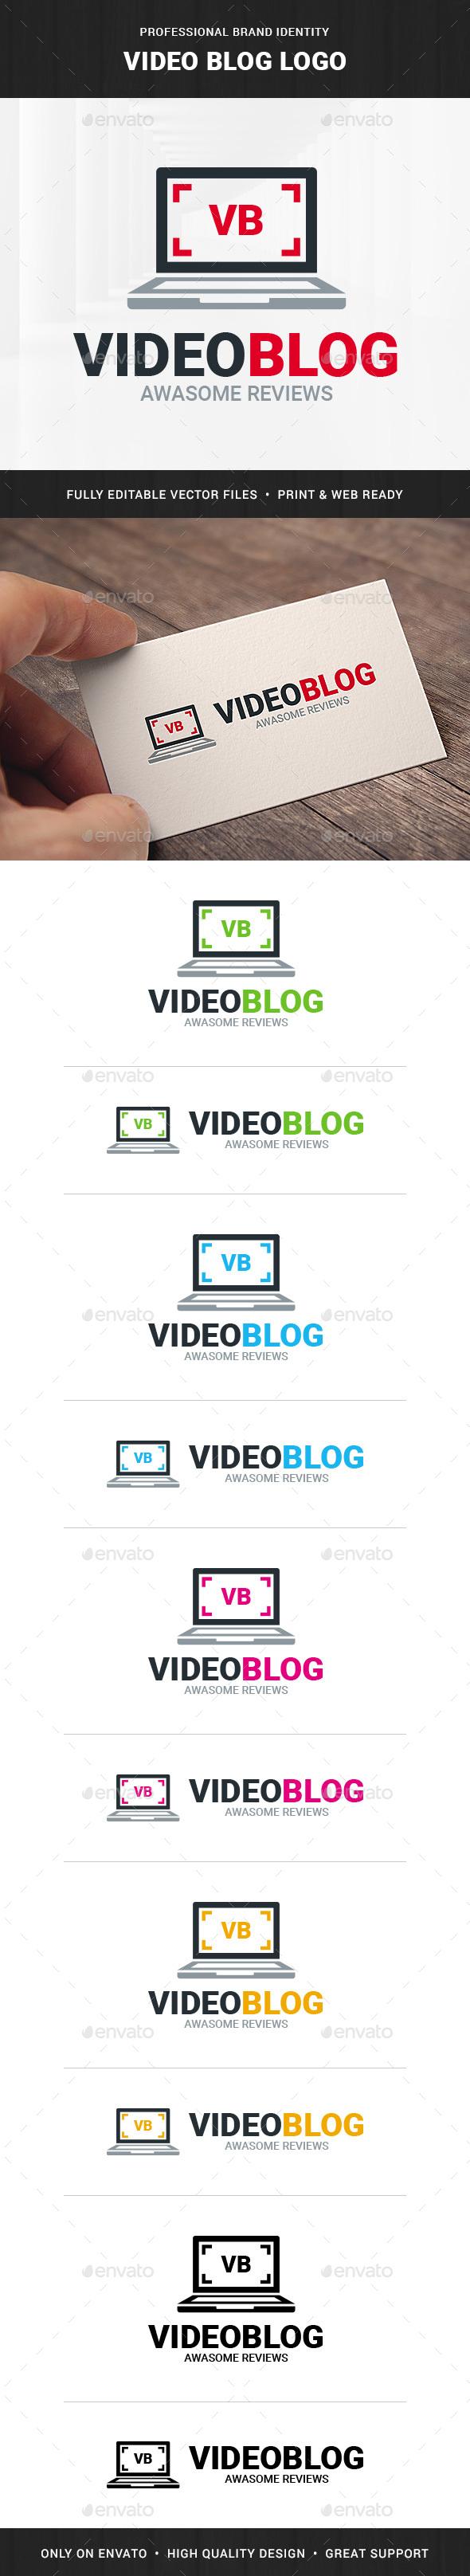 Video Blog - Laptop Logo